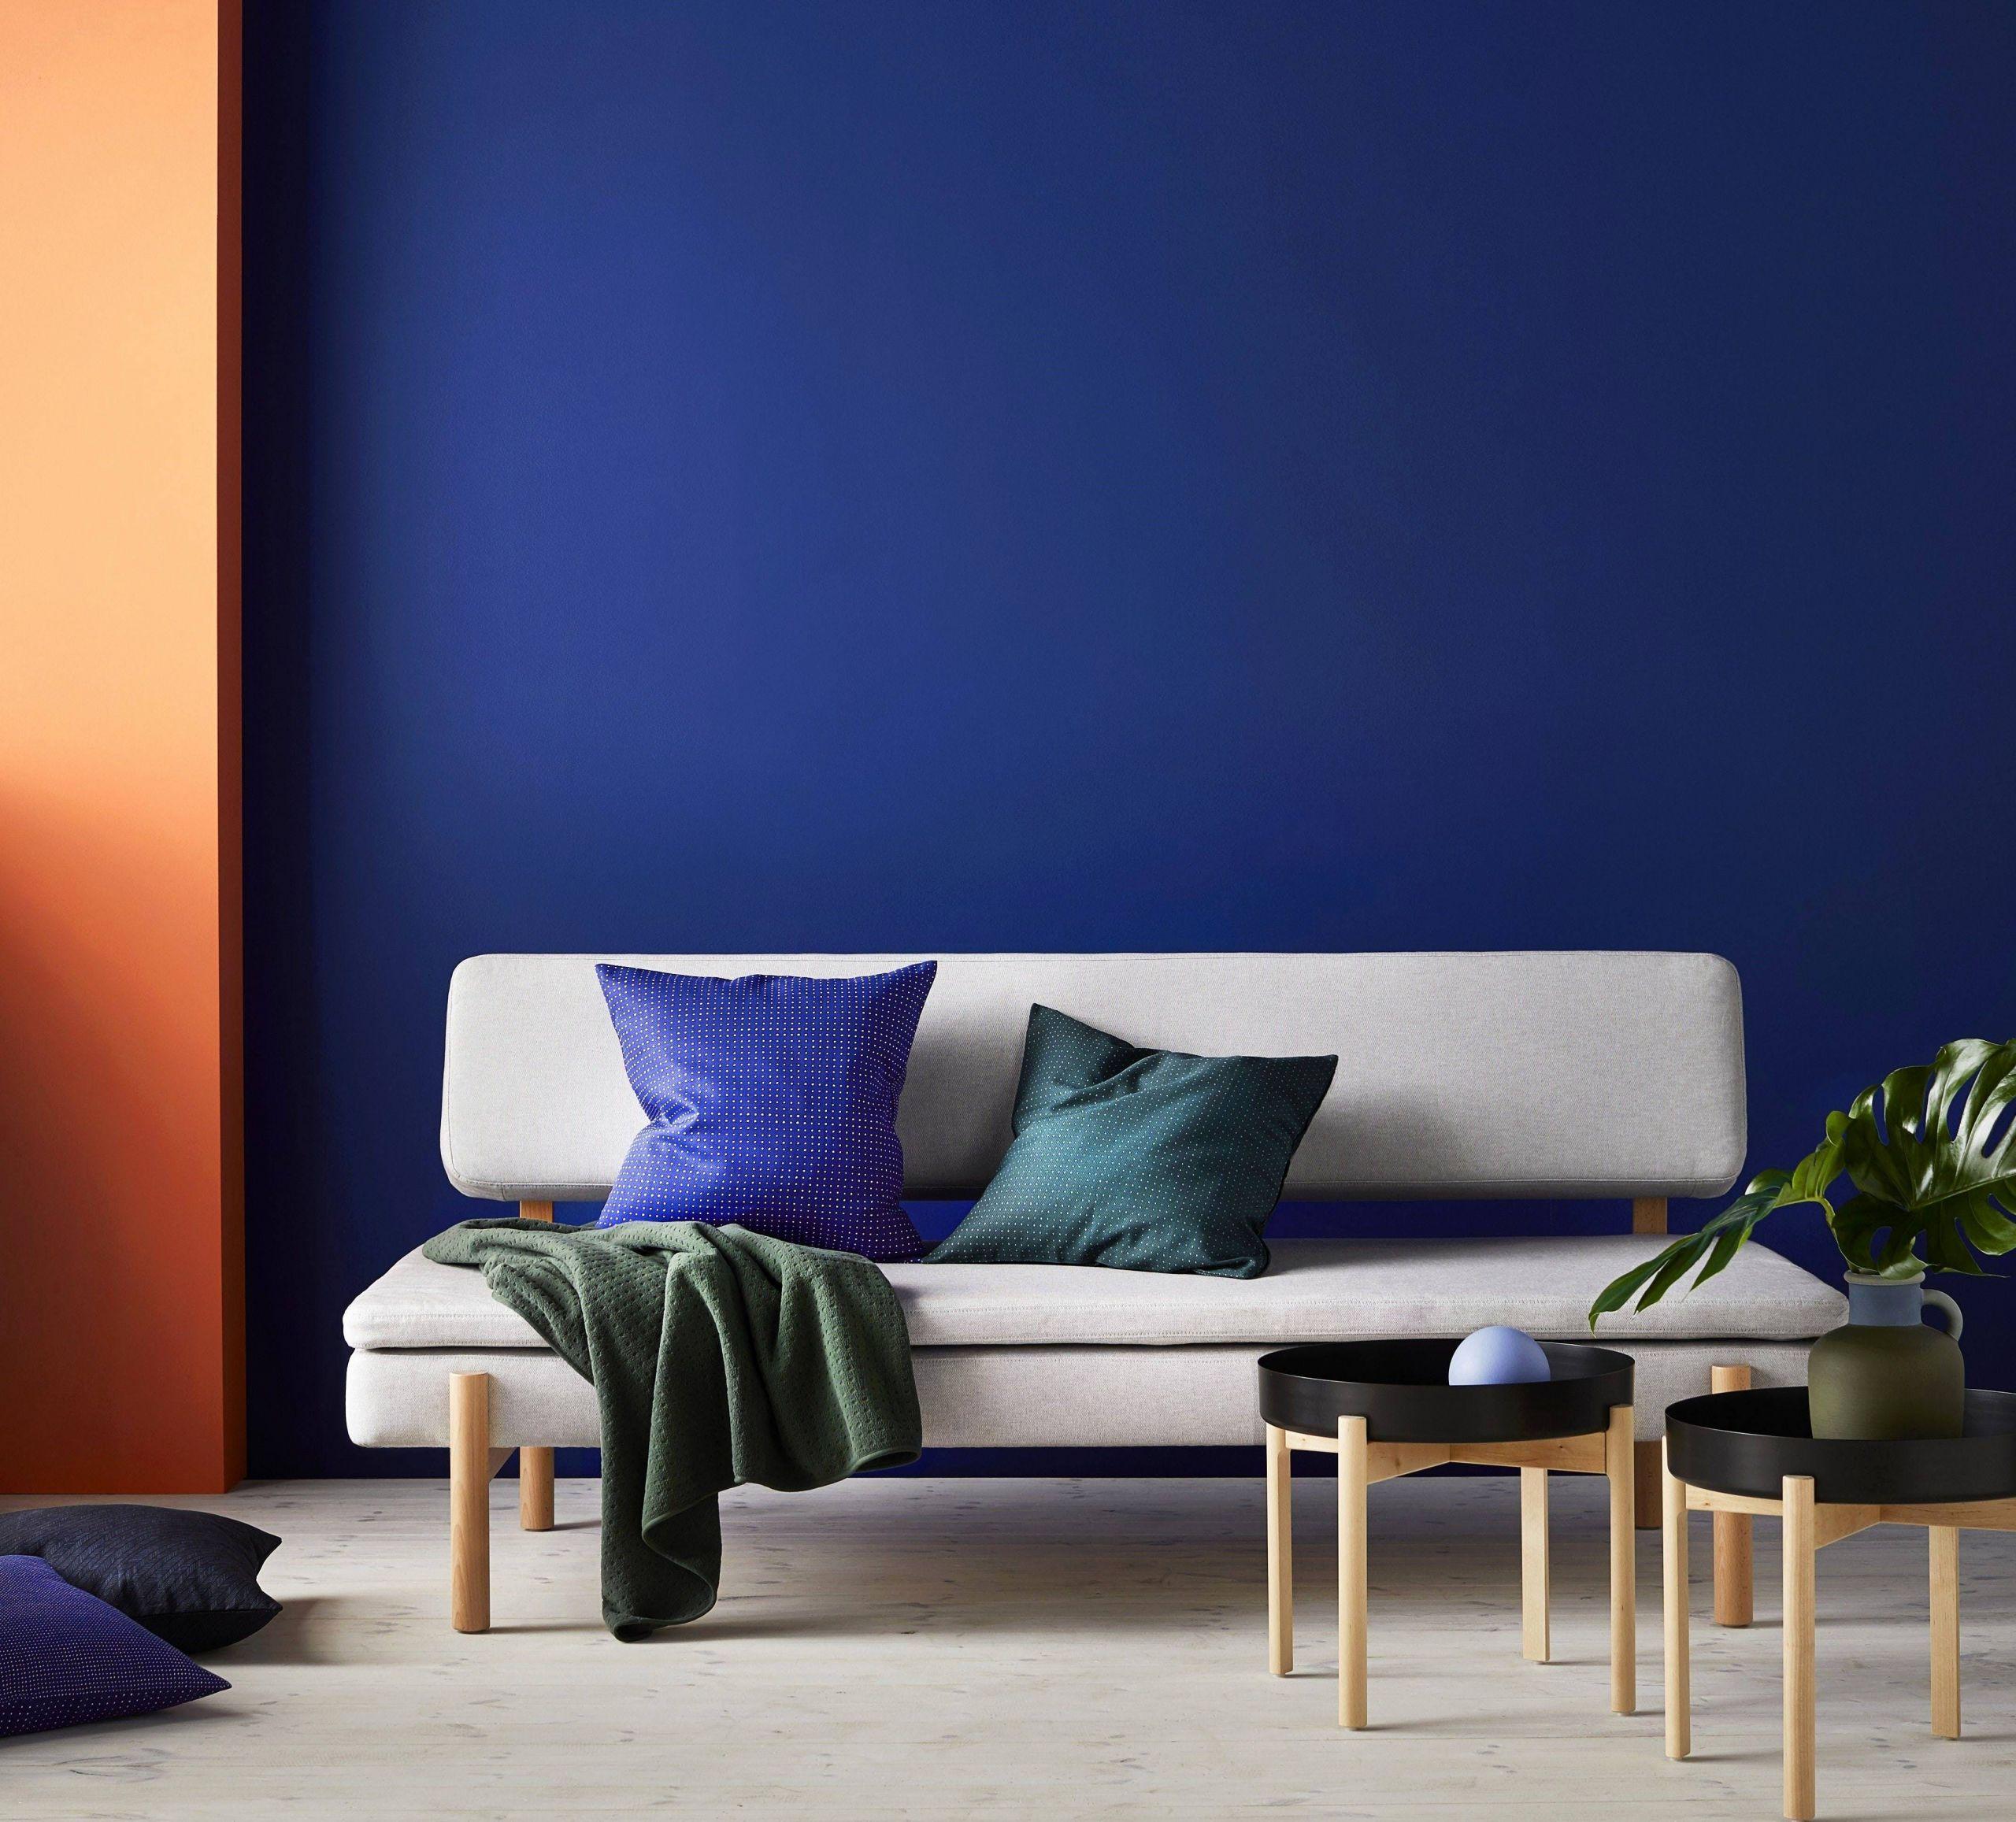 deko wohnzimmer online kaufen schon 9 luxe de ikea babyzimmer ideen of deko wohnzimmer online kaufen